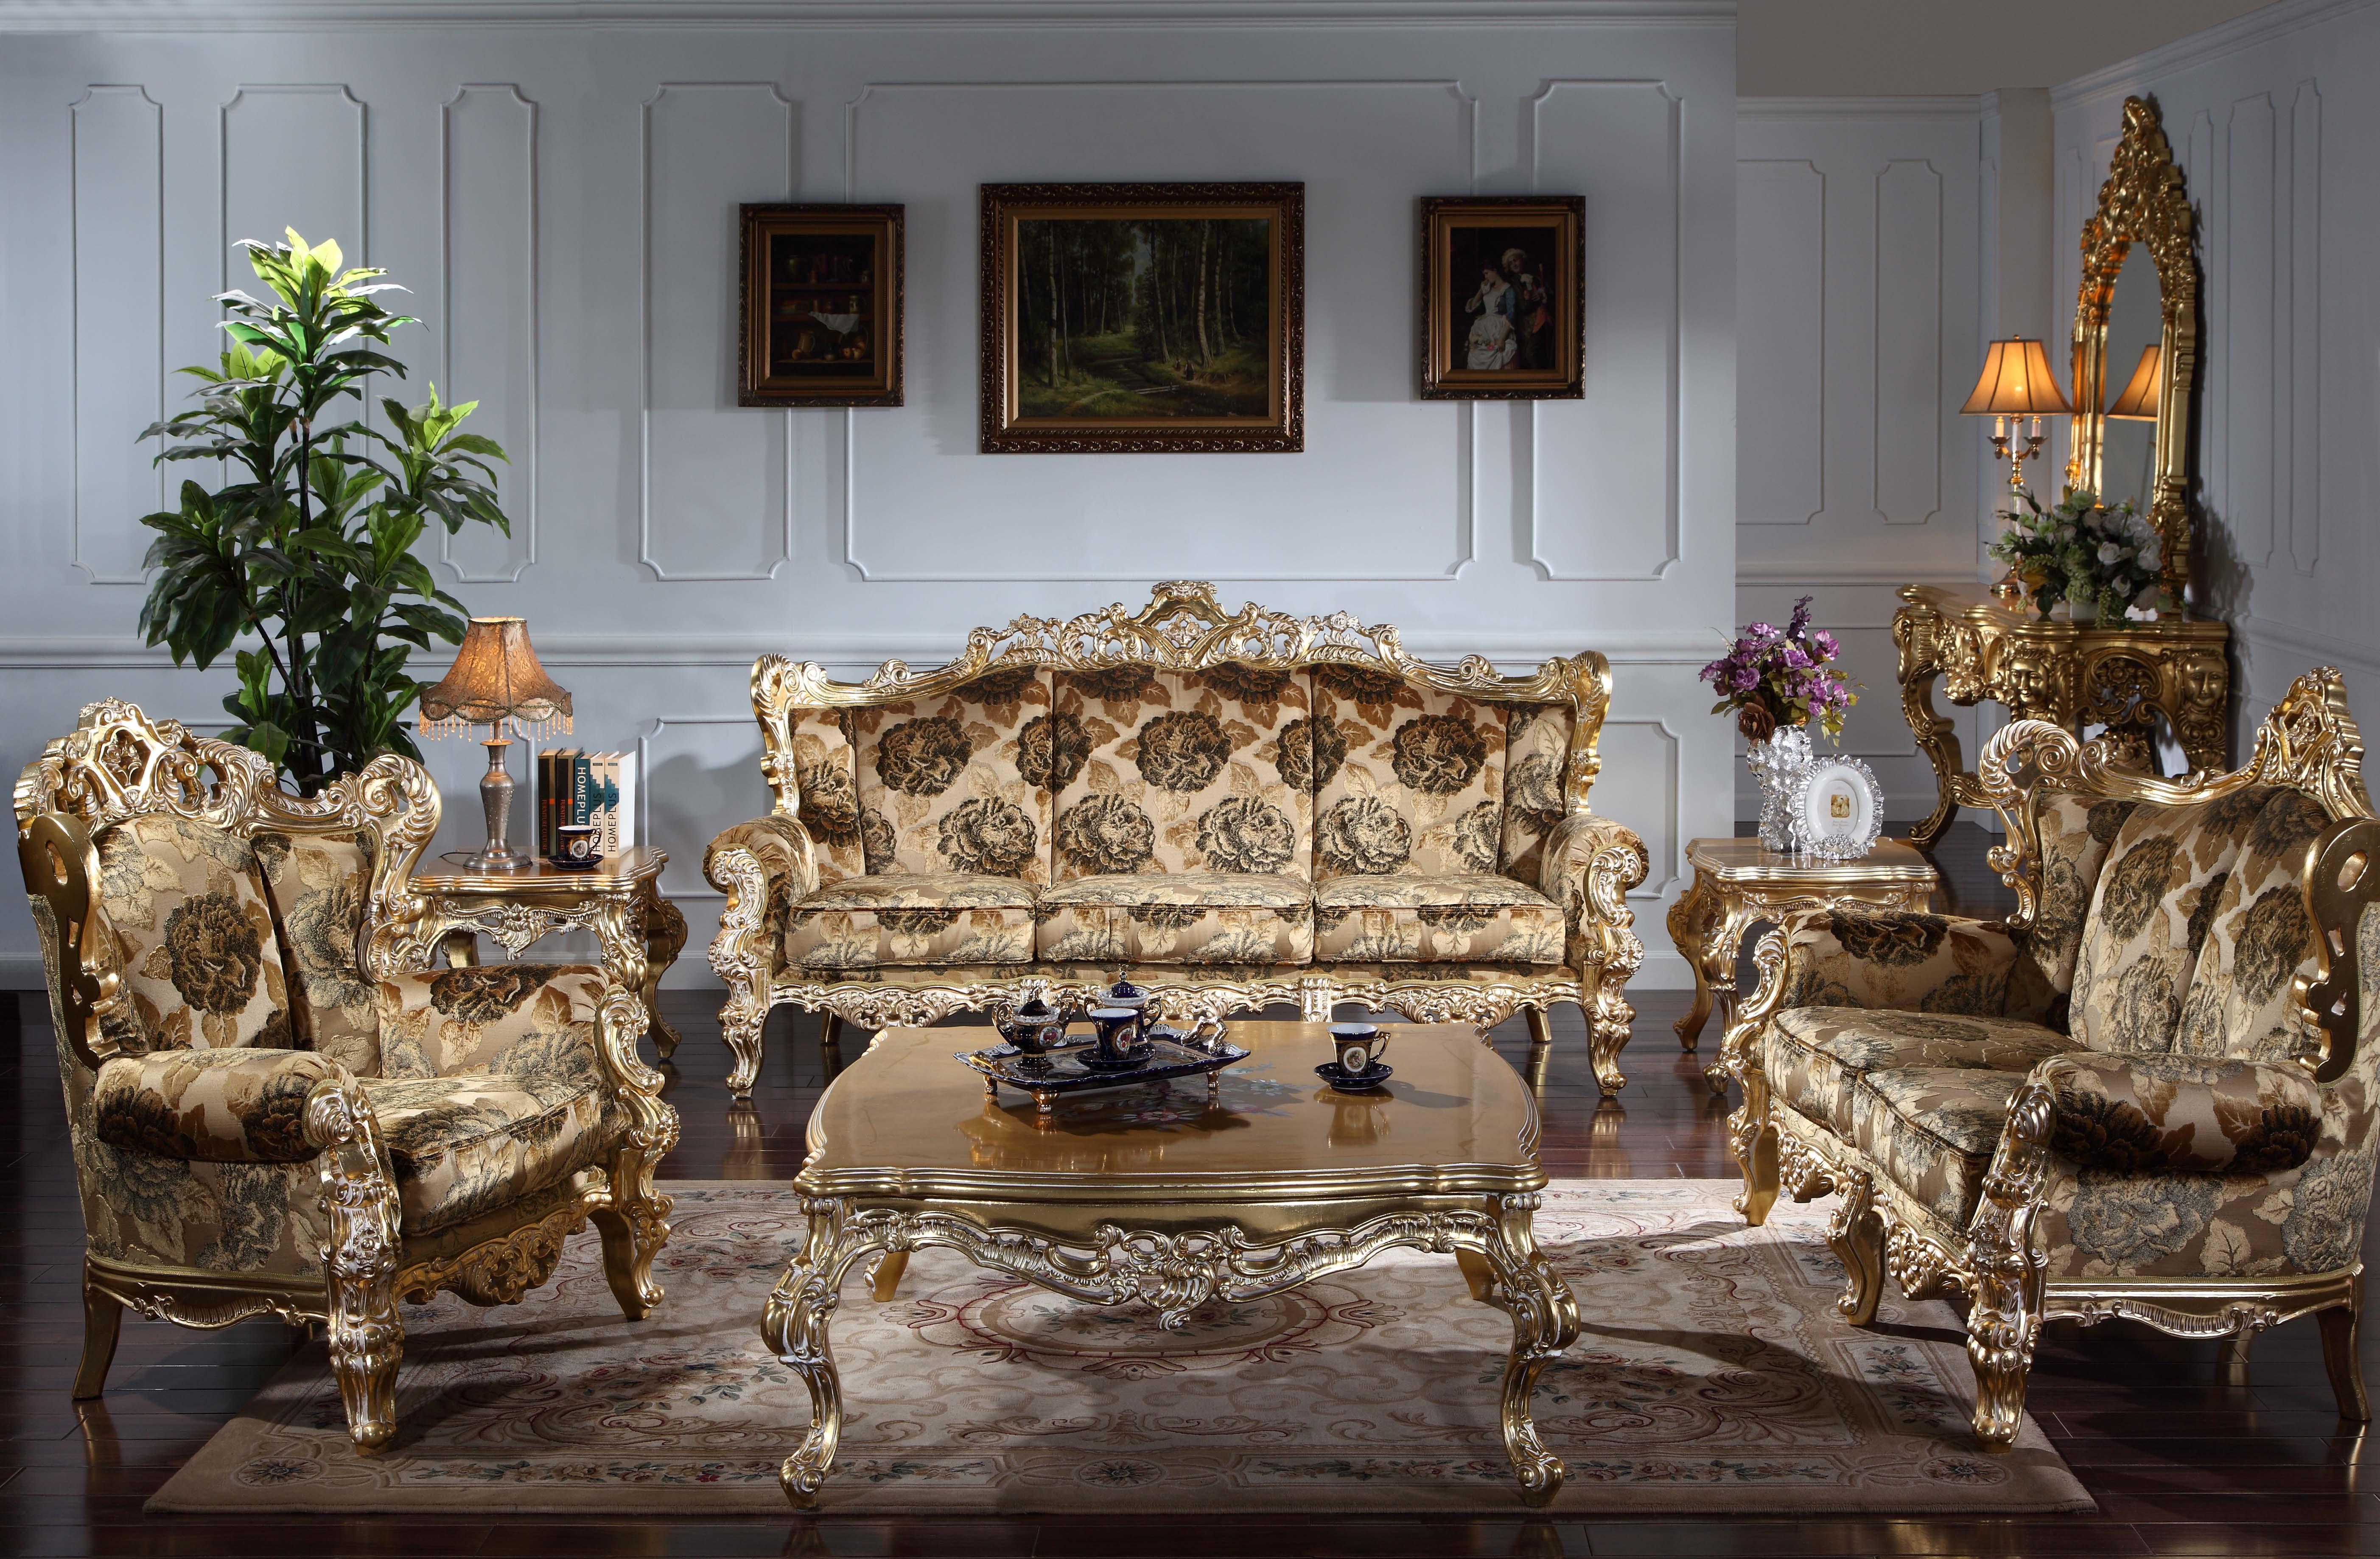 Acquista mobili soggiorno classico barocco divano classico europeo